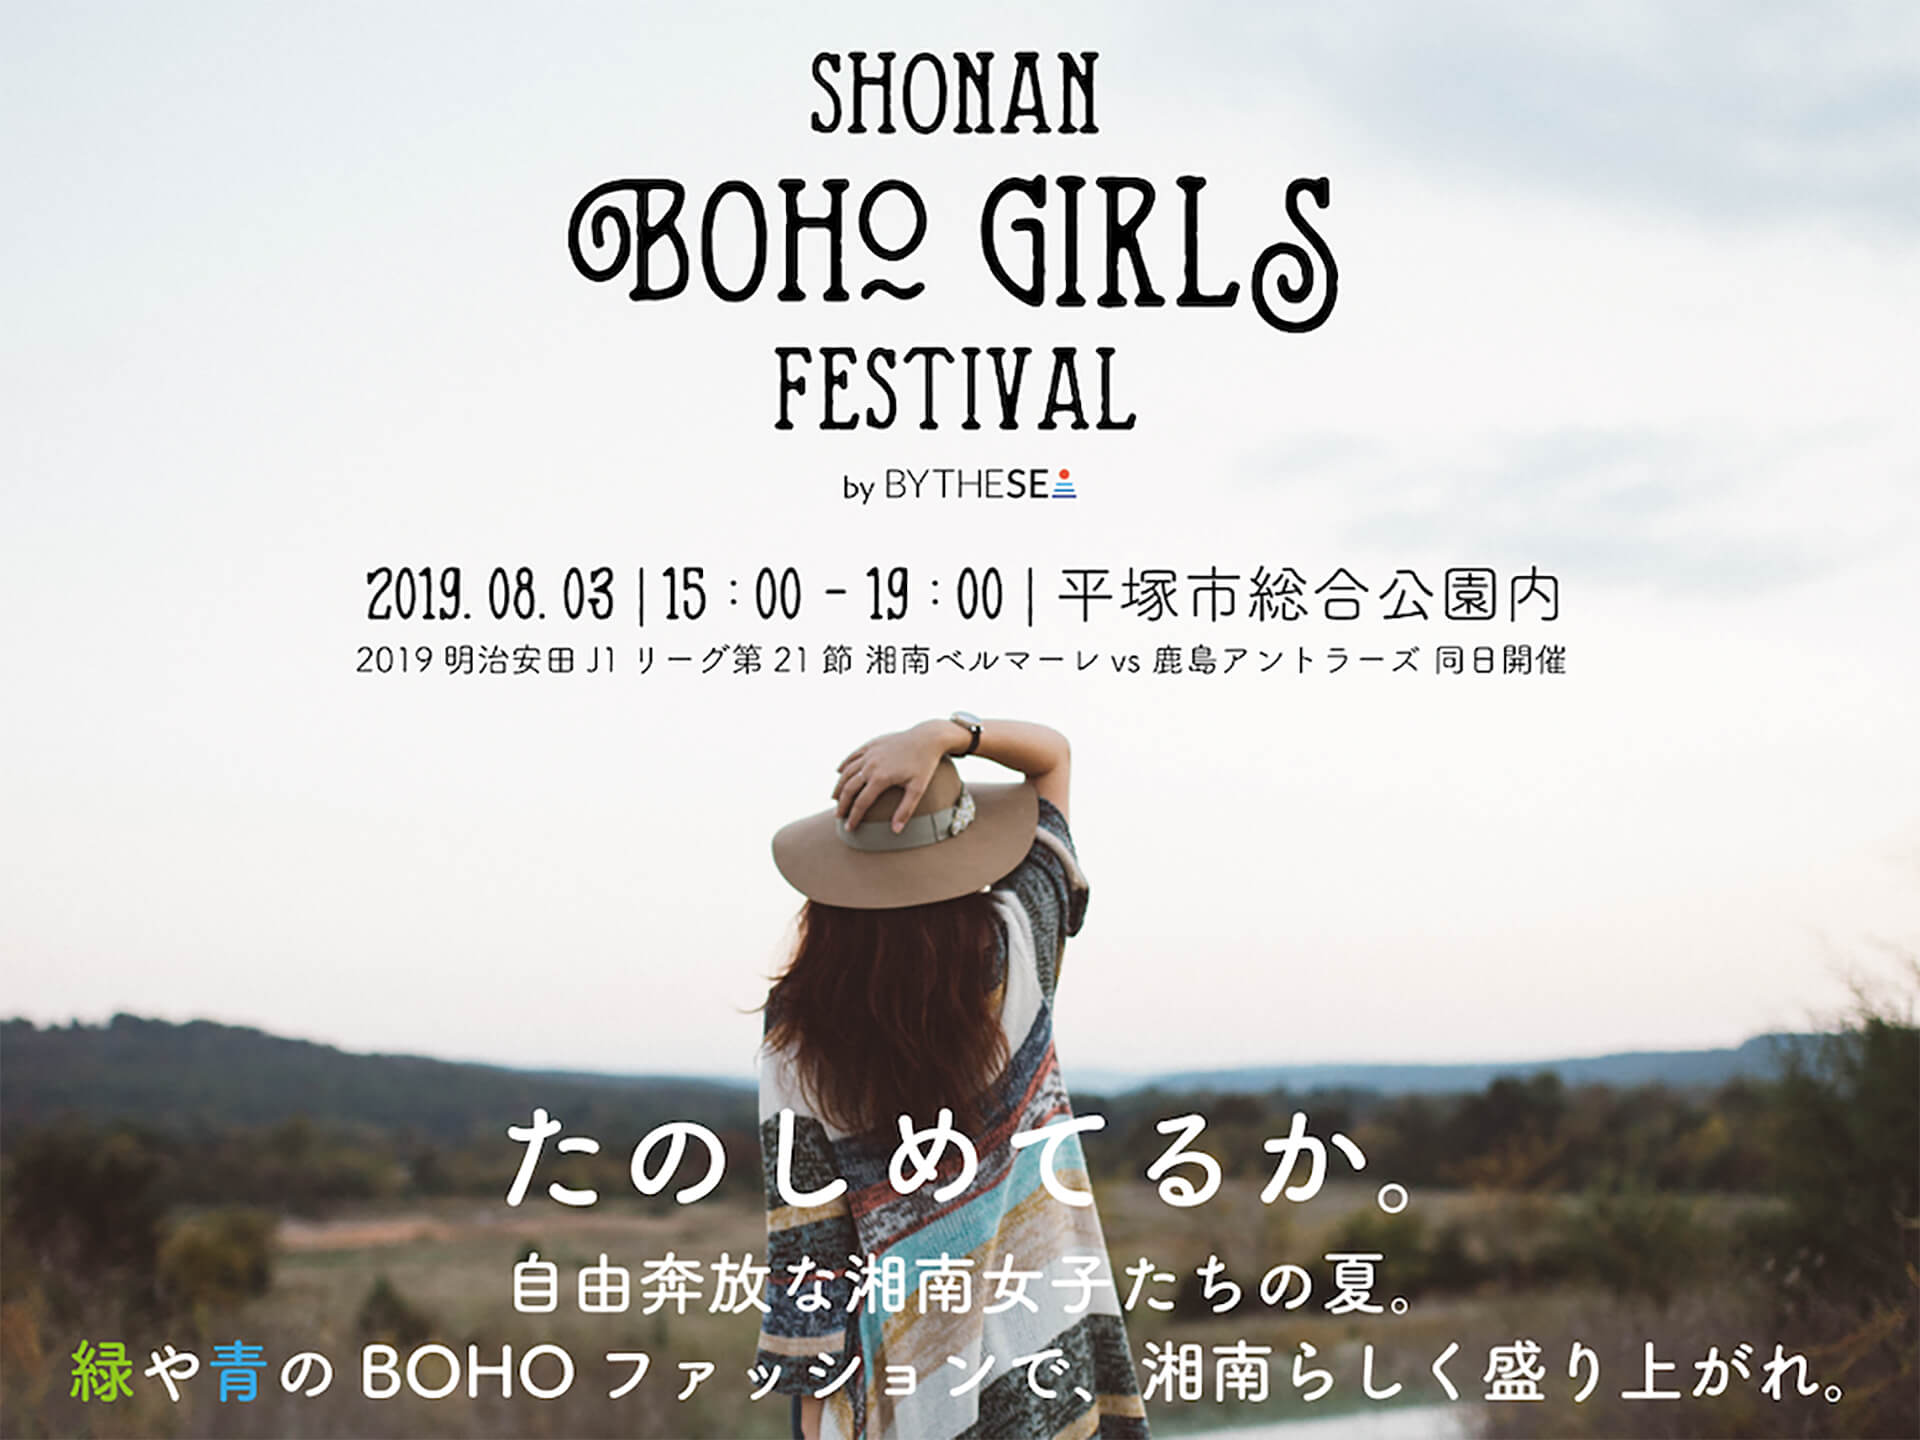 この写真は、湘南BOHOガールズフェスのメインビジュアル。女性が会場を眺めている様子です